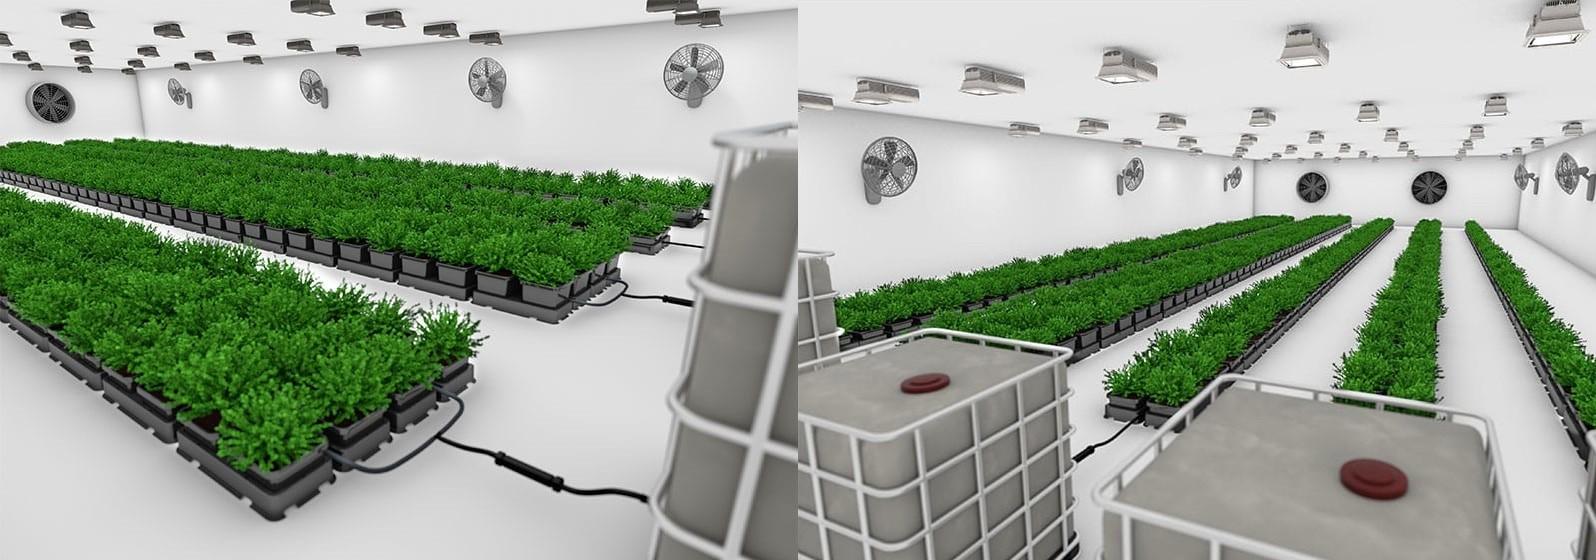 Easy2grow 12 System - напоителна система